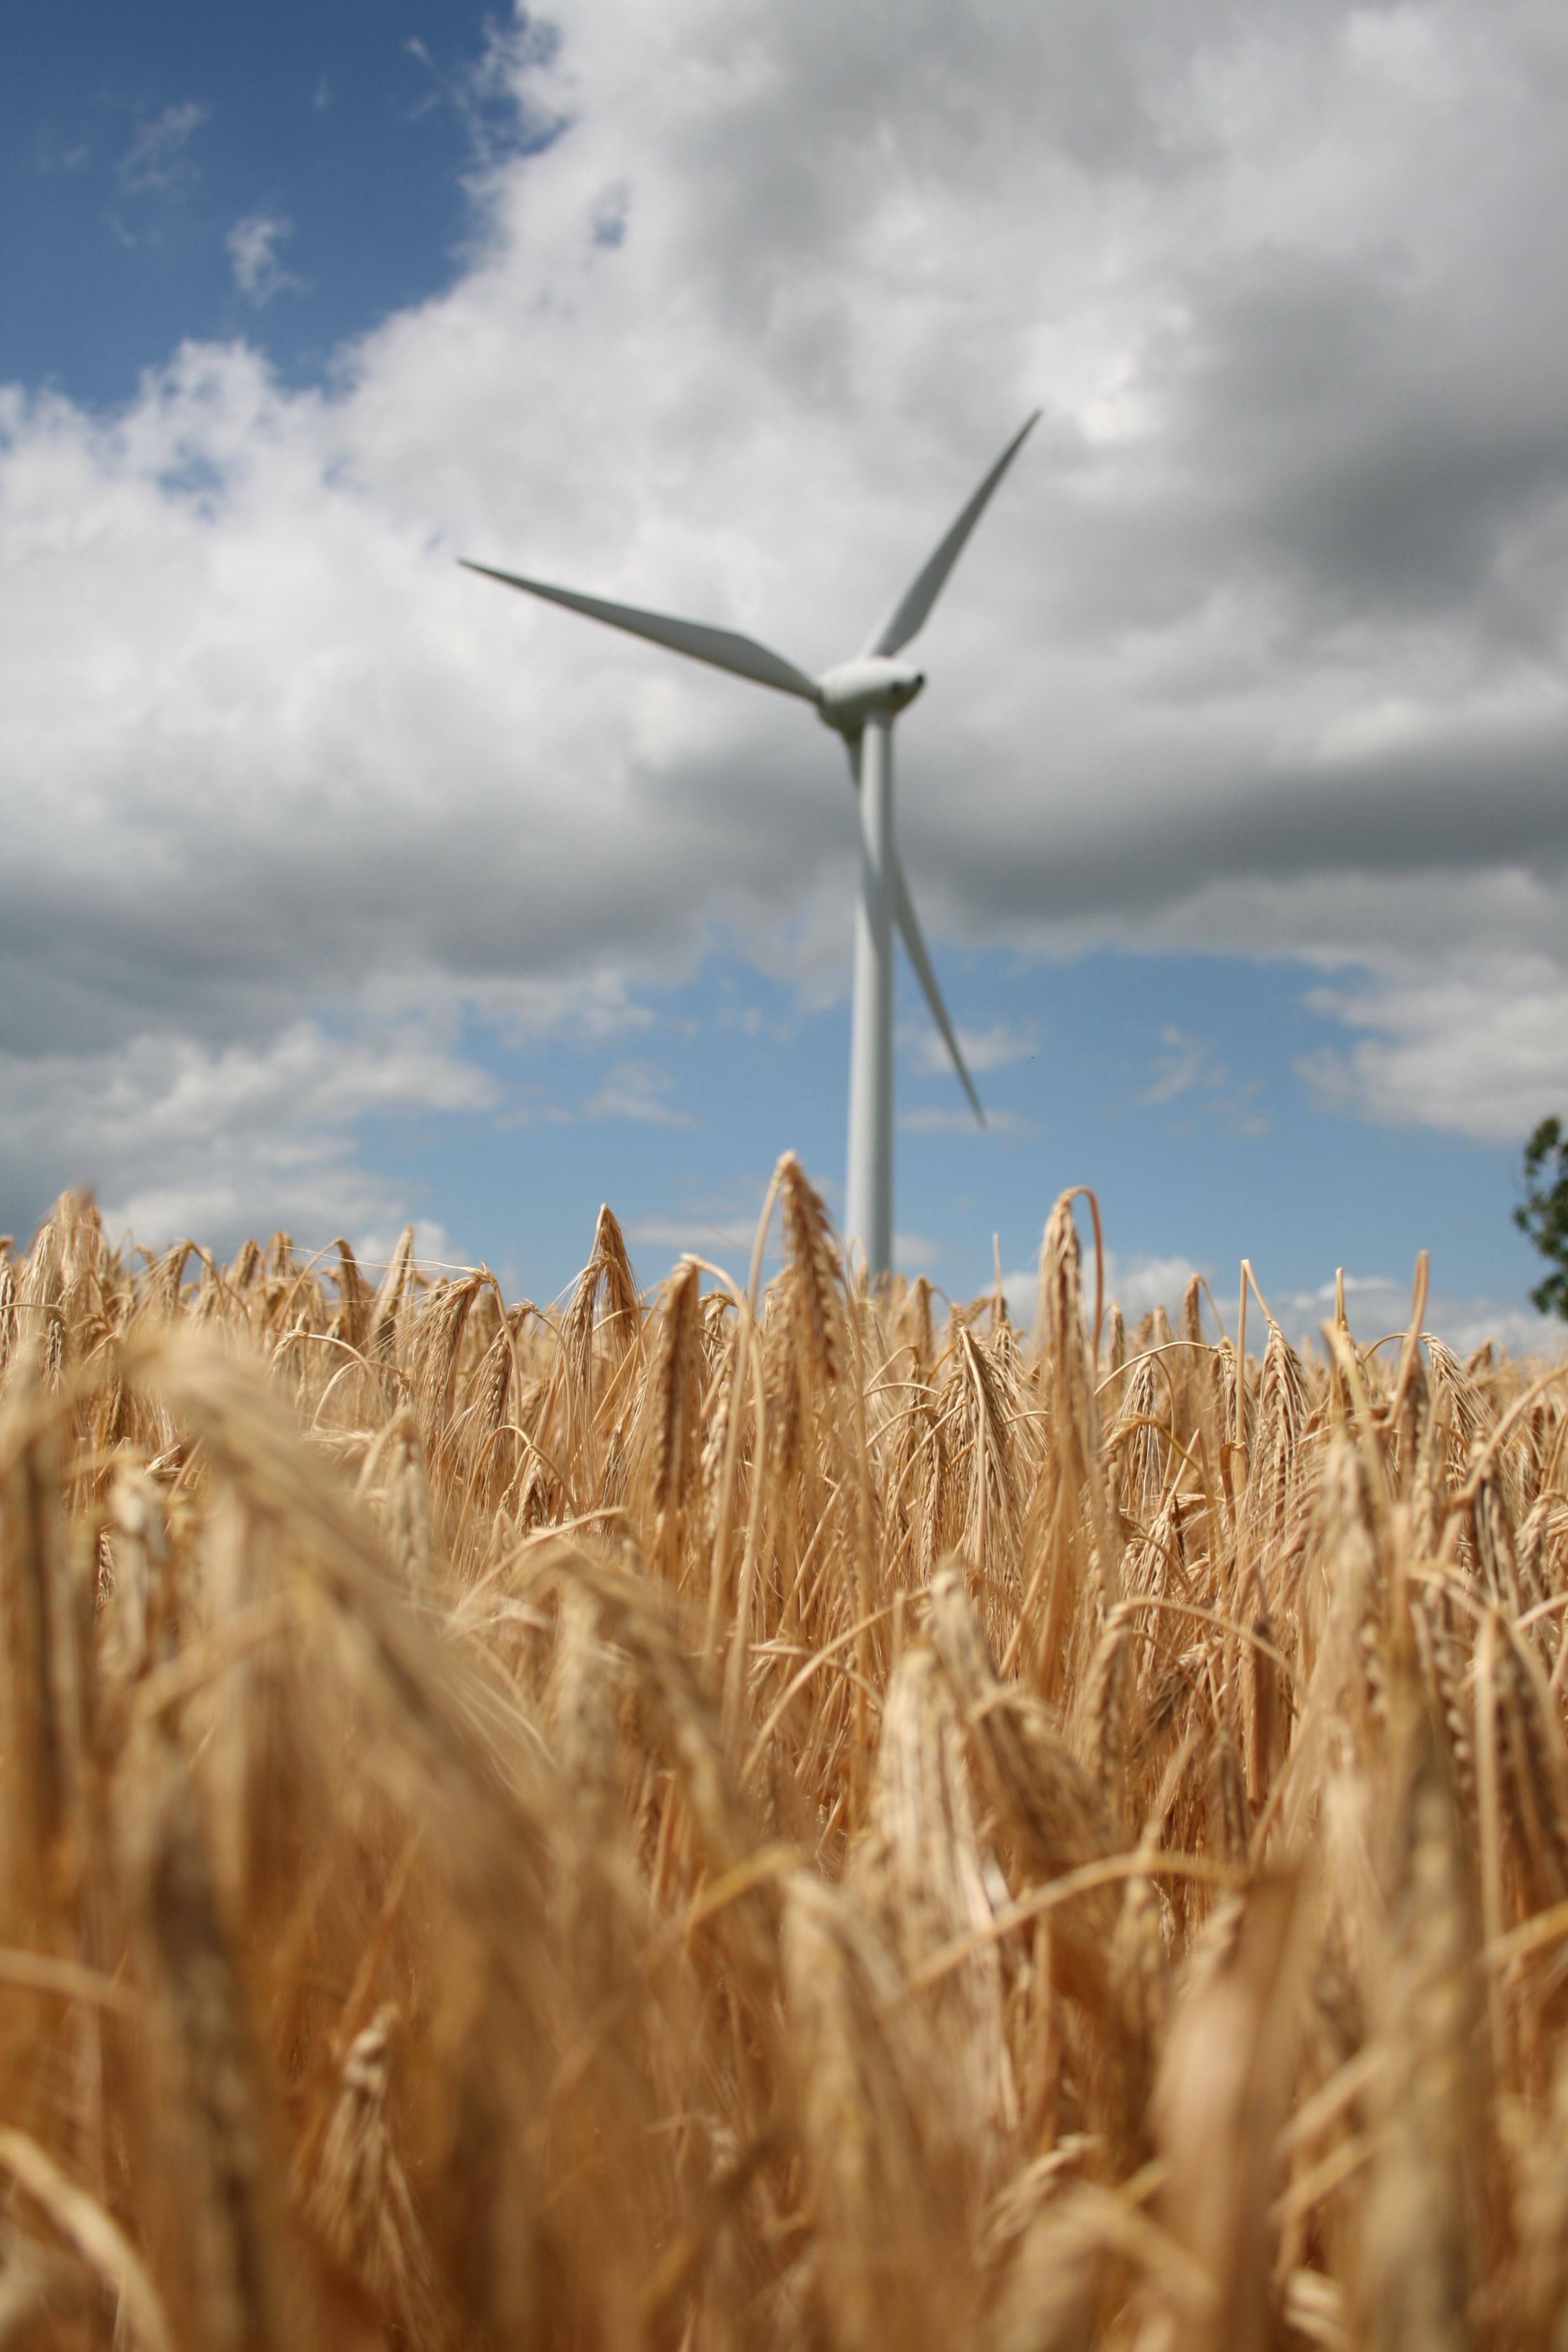 79500 скачать обои Природа, Ветровая Электростанция, Турбина, Поле, Колоски, Пшеница - заставки и картинки бесплатно